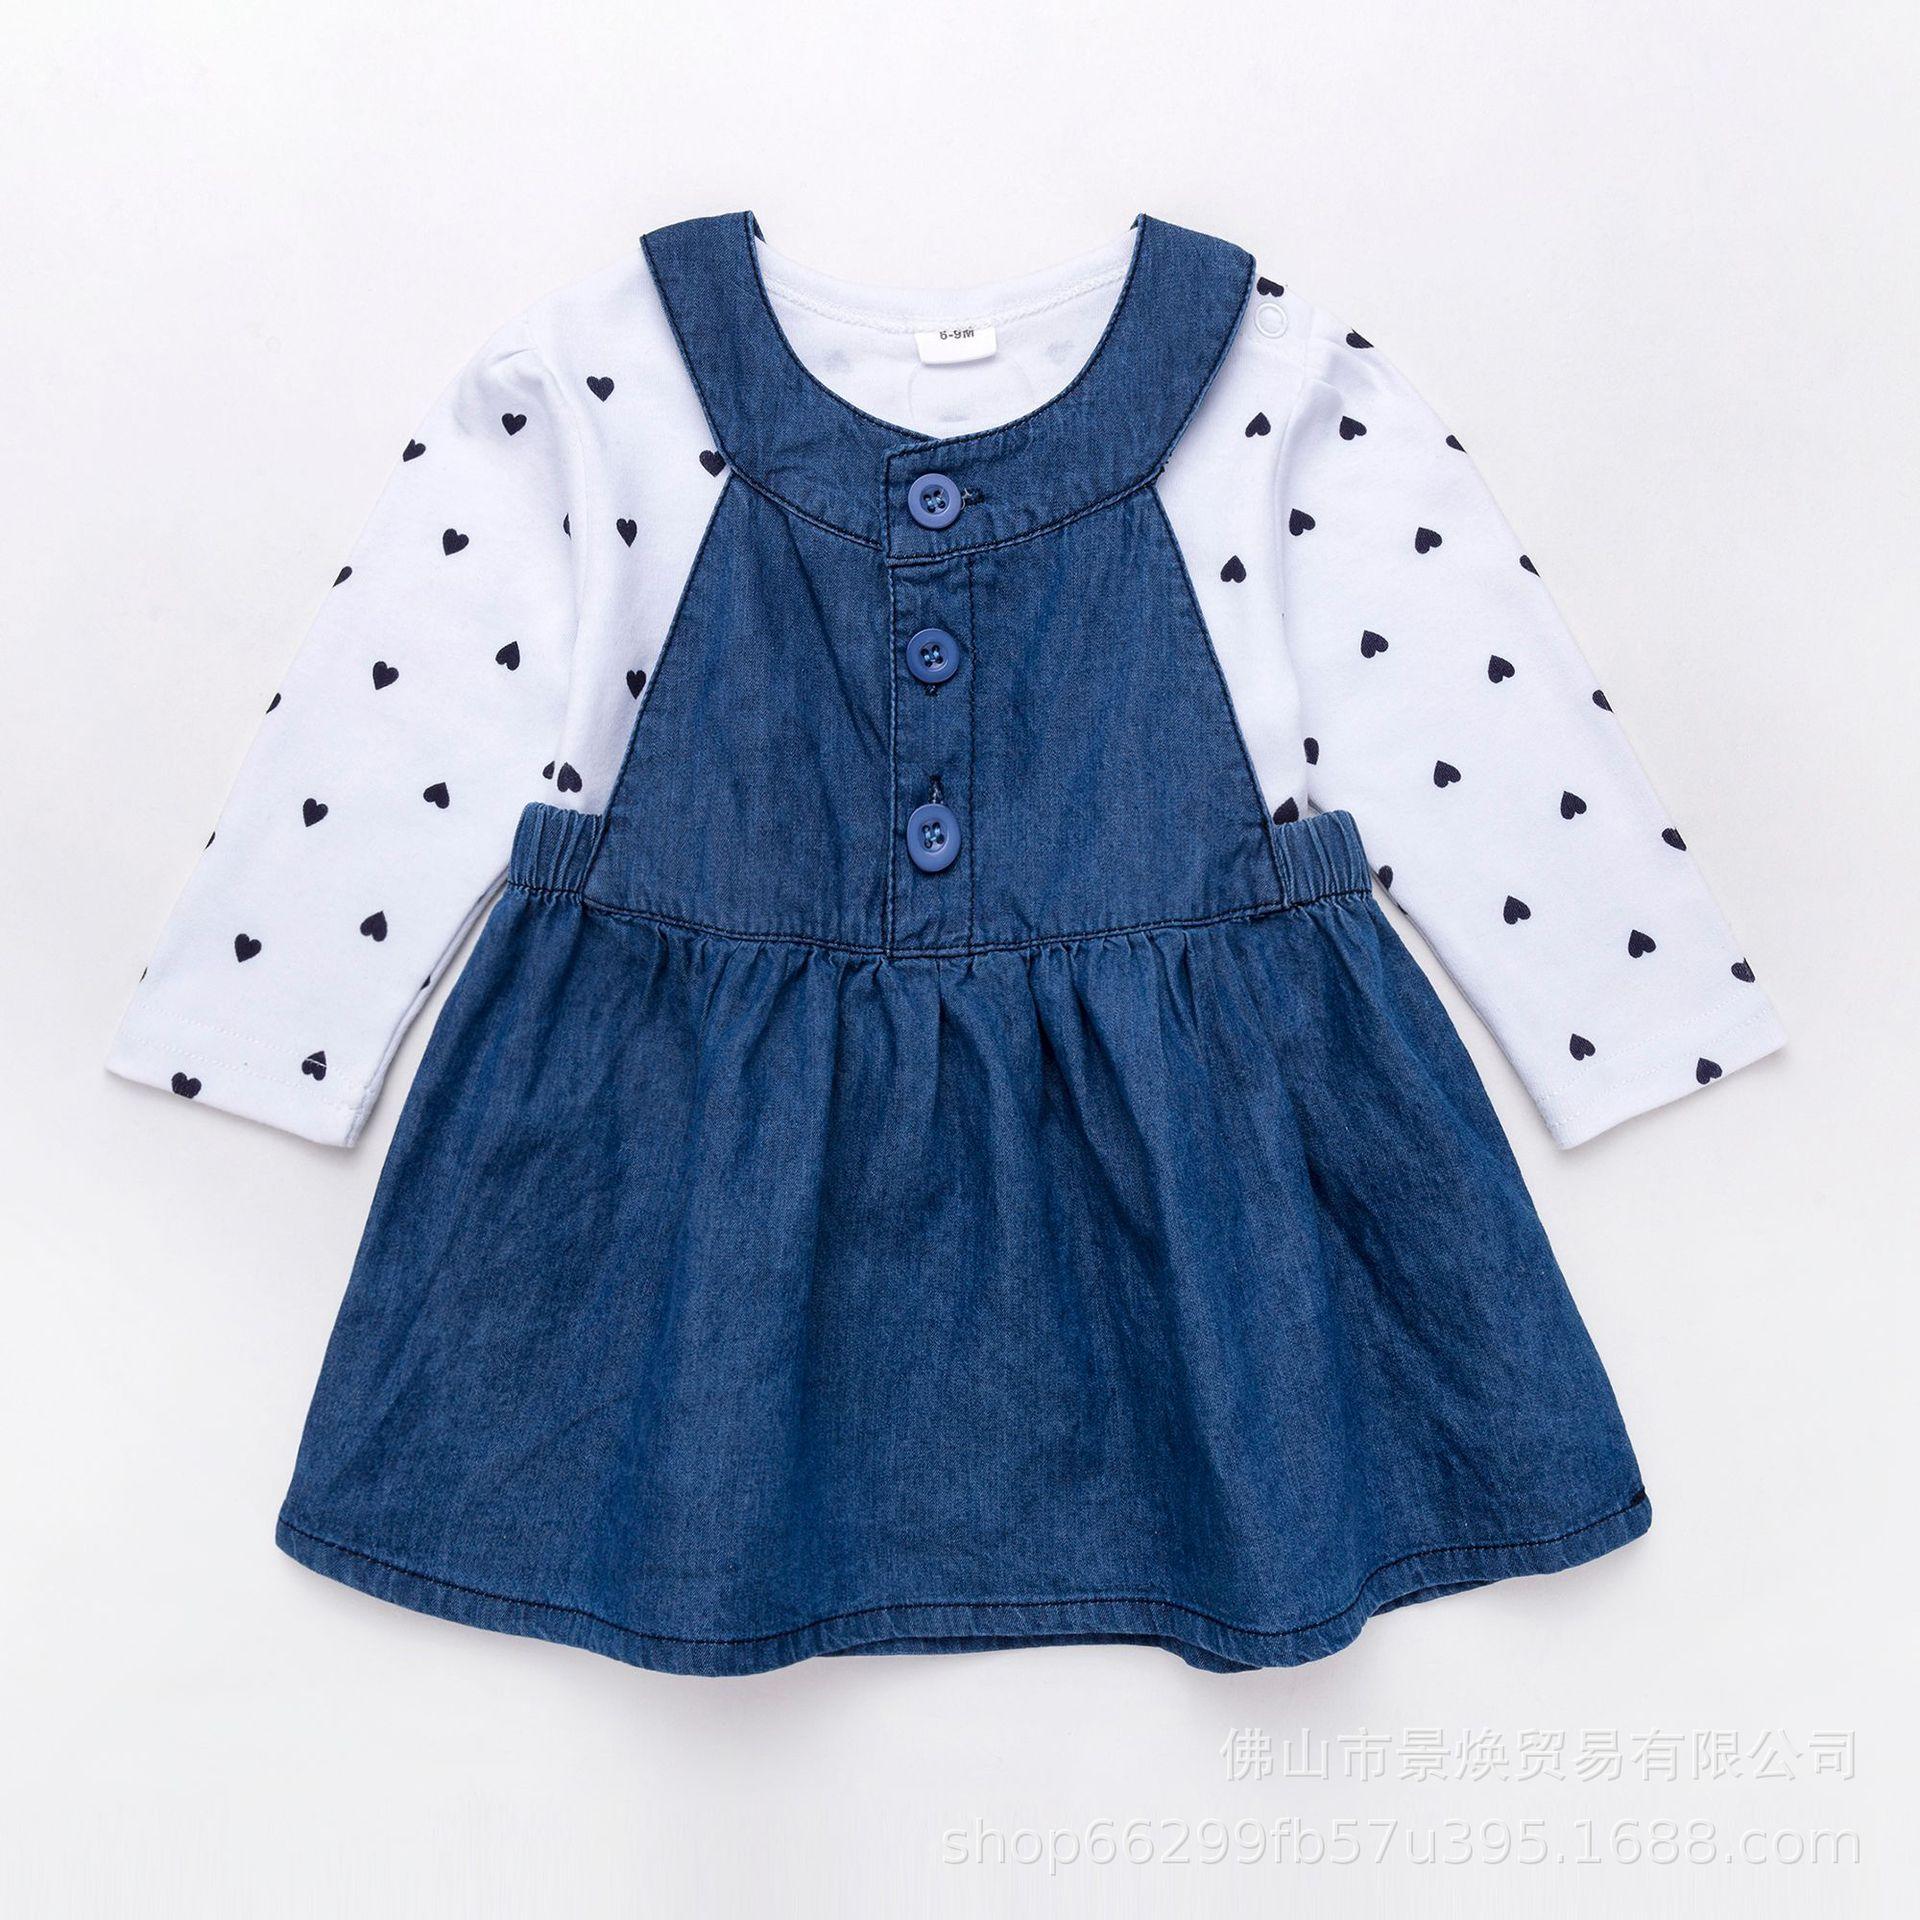 Denim jupe printemps automne Long blanc coeur motif coton bébé fille vêtements doux Style filles robes 2019 Design de mode